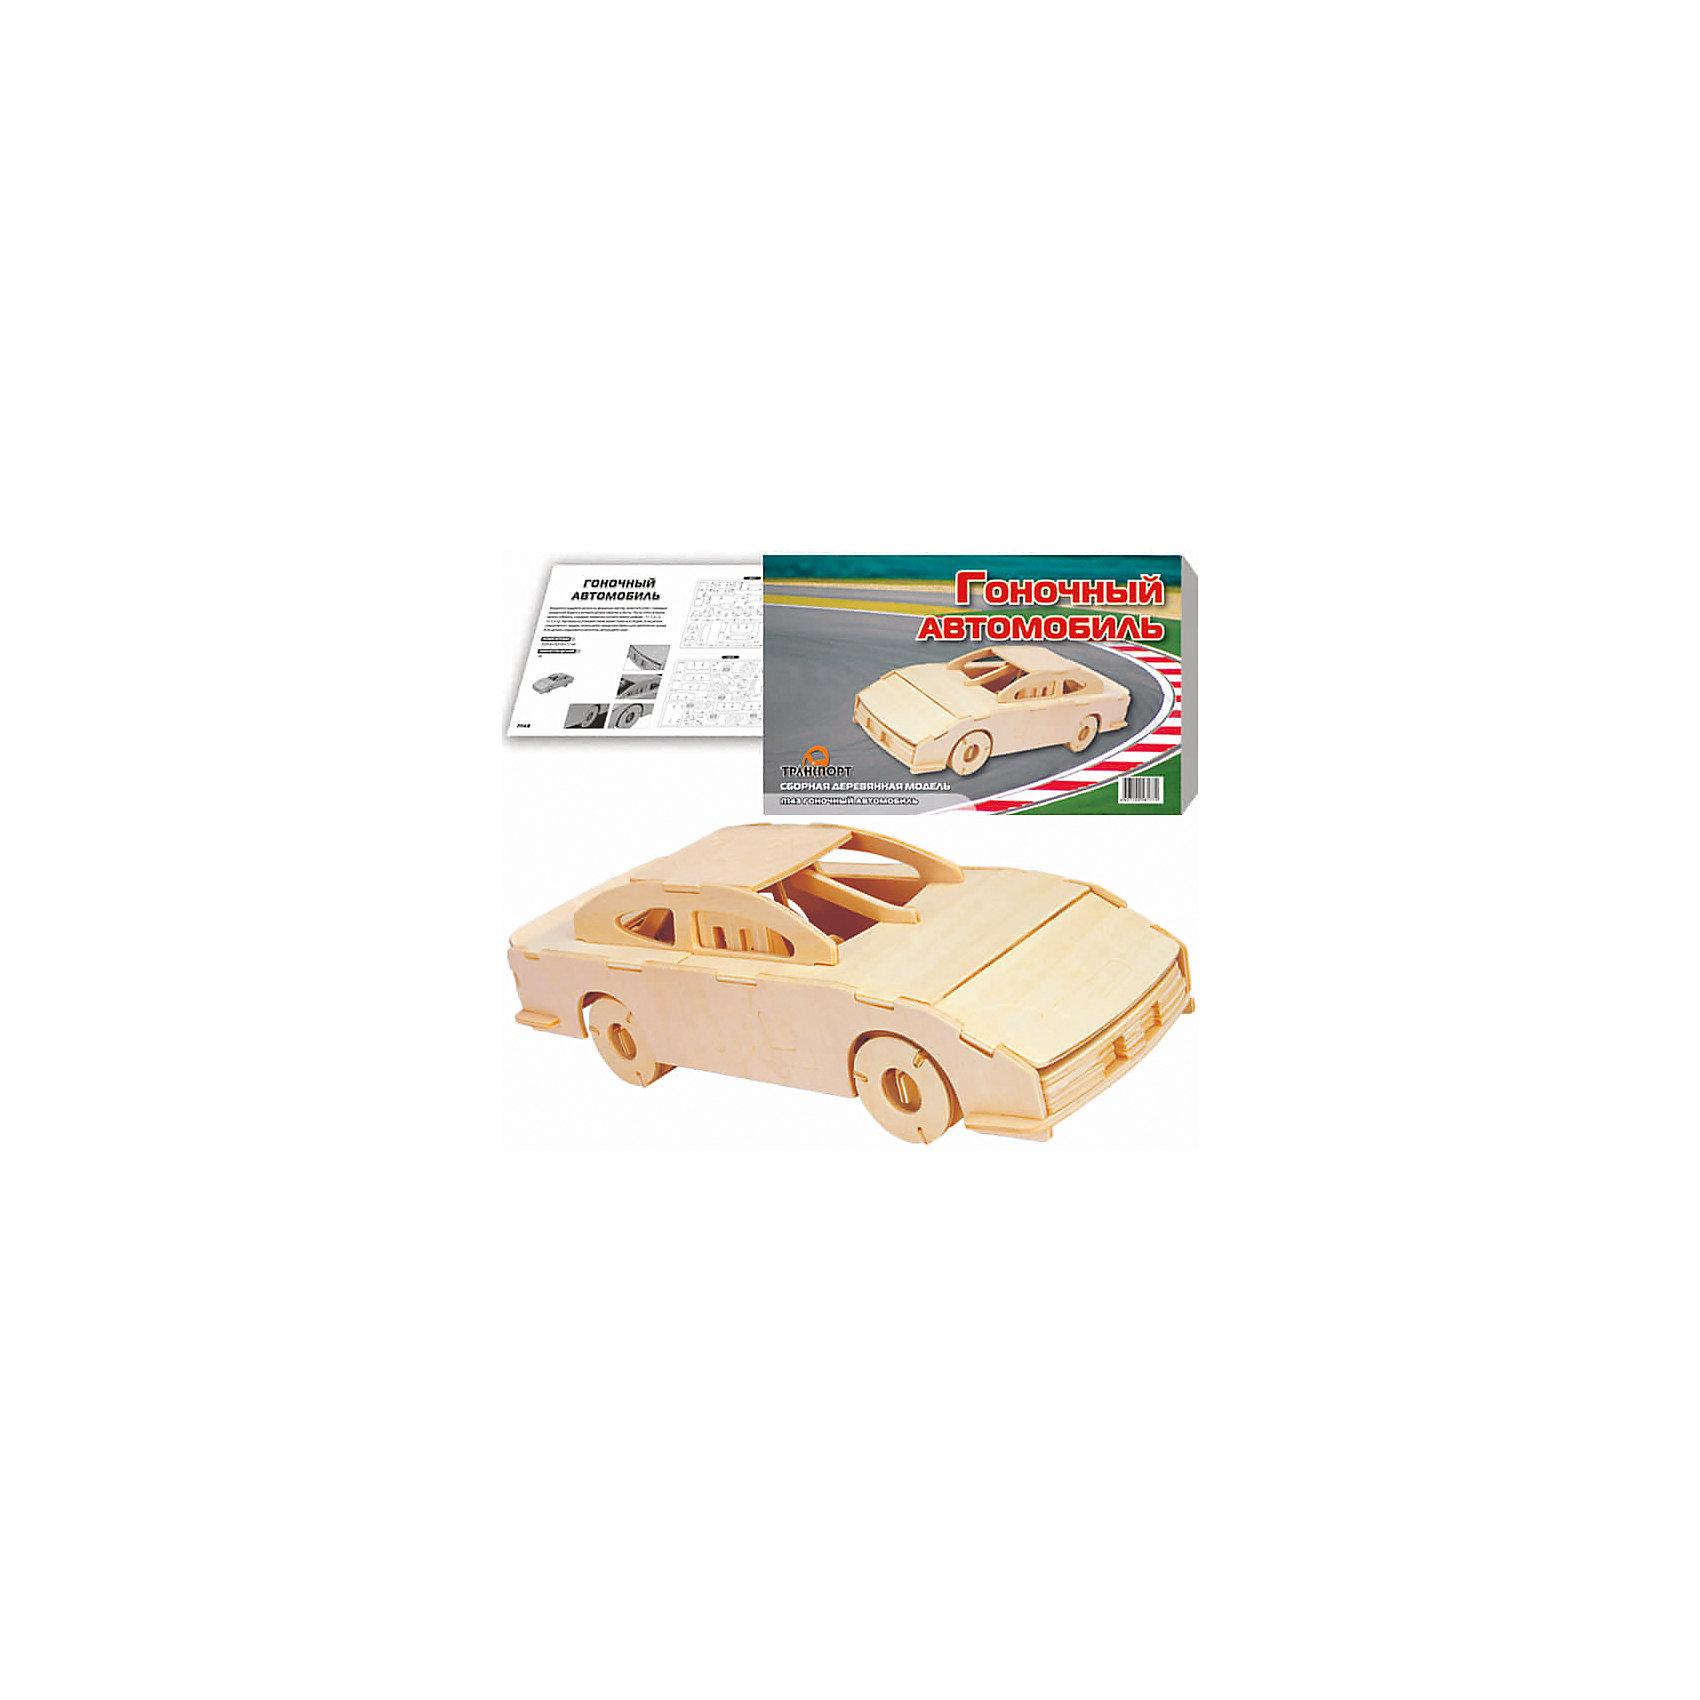 Гоночный автомобиль (серия П), Мир деревянных игрушекРукоделие<br>Удачный вариант подарка для любящего гонки творческого ребенка - этот набор, из которого можно самому сделать красивую деревянную фигуру! Для этого нужно выдавить из пластины с деталями элементы для сборки и соединить их. Из наборов получаются красивые очень реалистичные игрушки, которые могут стать украшением комнаты.<br>Собирая их, ребенок будет развивать пространственное мышление, память и мелкую моторику. А раскрашивая готовое произведение, дети научатся подбирать цвета и будут развивать художественные навыки. Этот набор произведен из качественных и безопасных для детей материалов - дерево тщательно обработано.<br><br>Дополнительная информация:<br><br>материал: дерево;<br>цвет: бежевый;<br>элементы: пластины с деталями для сборки, схема сборки;<br>размер упаковки: 23 х 18 см.<br><br>3D-пазл Гоночный автомобиль (серия П) от бренда Мир деревянных игрушек можно купить в нашем магазине.<br><br>Ширина мм: 350<br>Глубина мм: 50<br>Высота мм: 225<br>Вес г: 450<br>Возраст от месяцев: 36<br>Возраст до месяцев: 144<br>Пол: Мужской<br>Возраст: Детский<br>SKU: 4969226